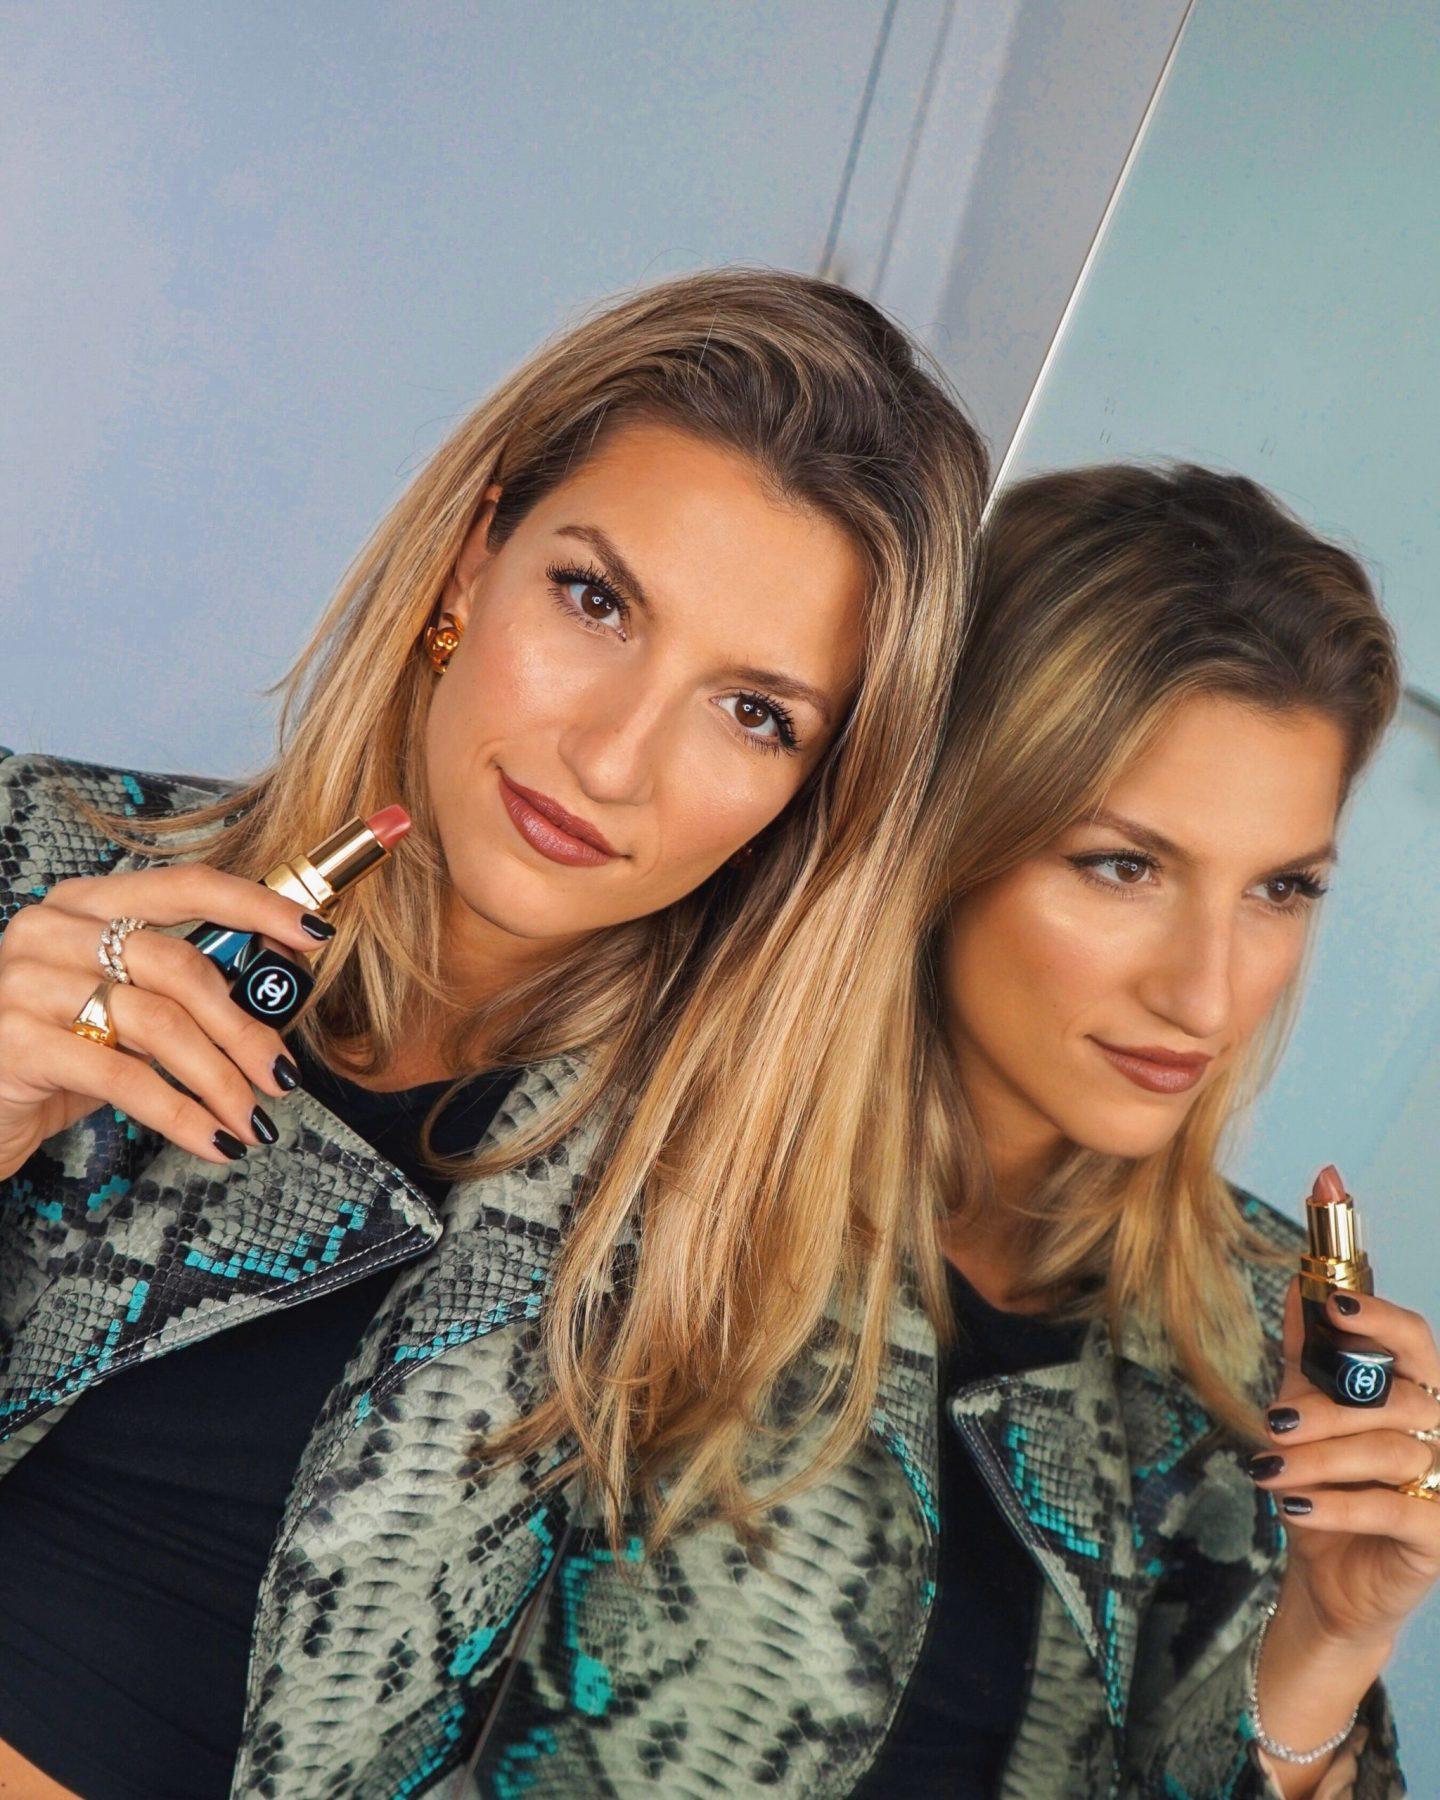 cass dimicco makeup, everyday makeup routine, cassdimicco makeup, cass dimicco beauty